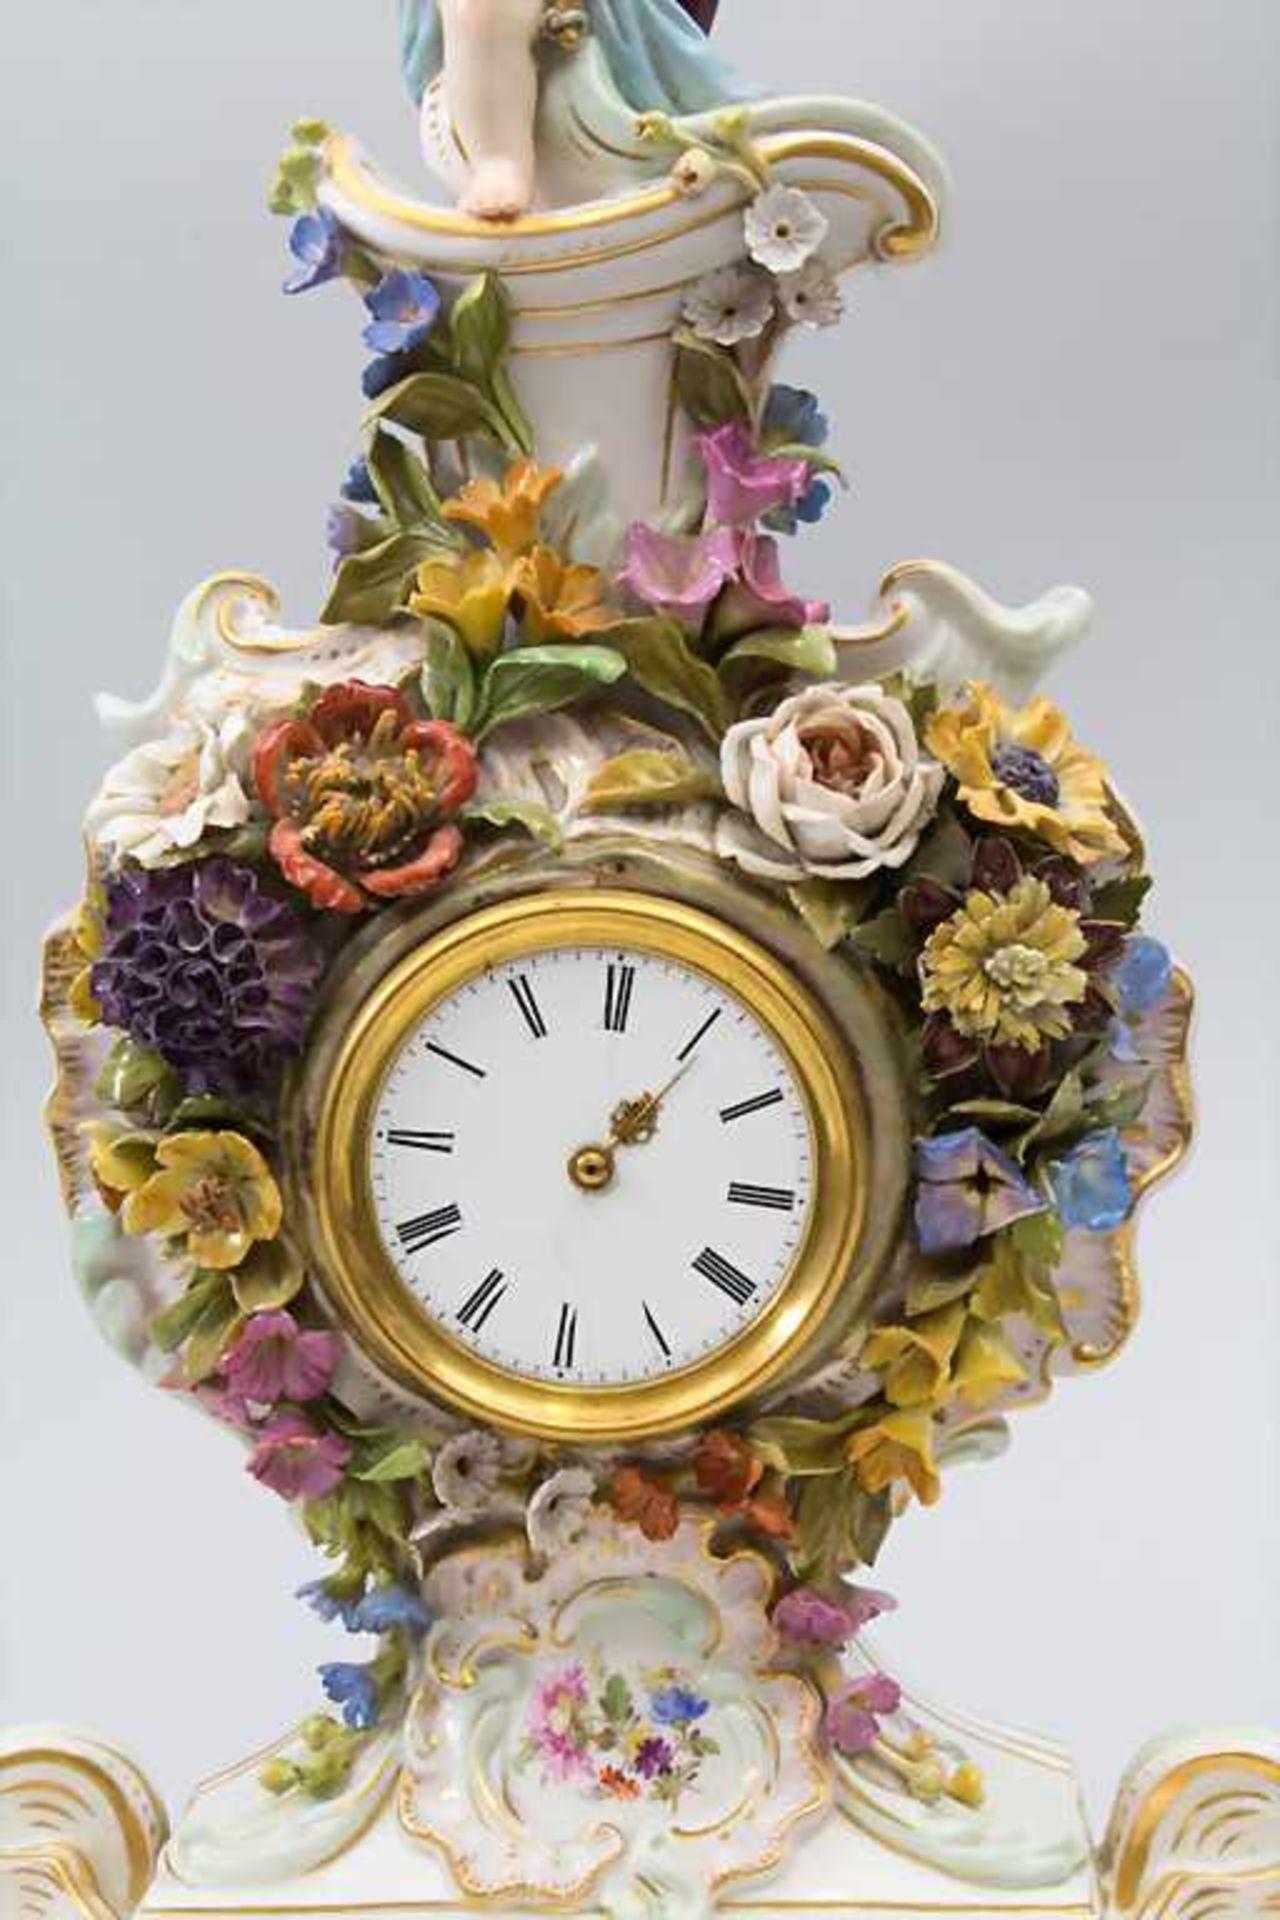 Seltene Tischuhr mit integriertem Schreibset / A rare porcelain table clock with integrated - Bild 2 aus 16